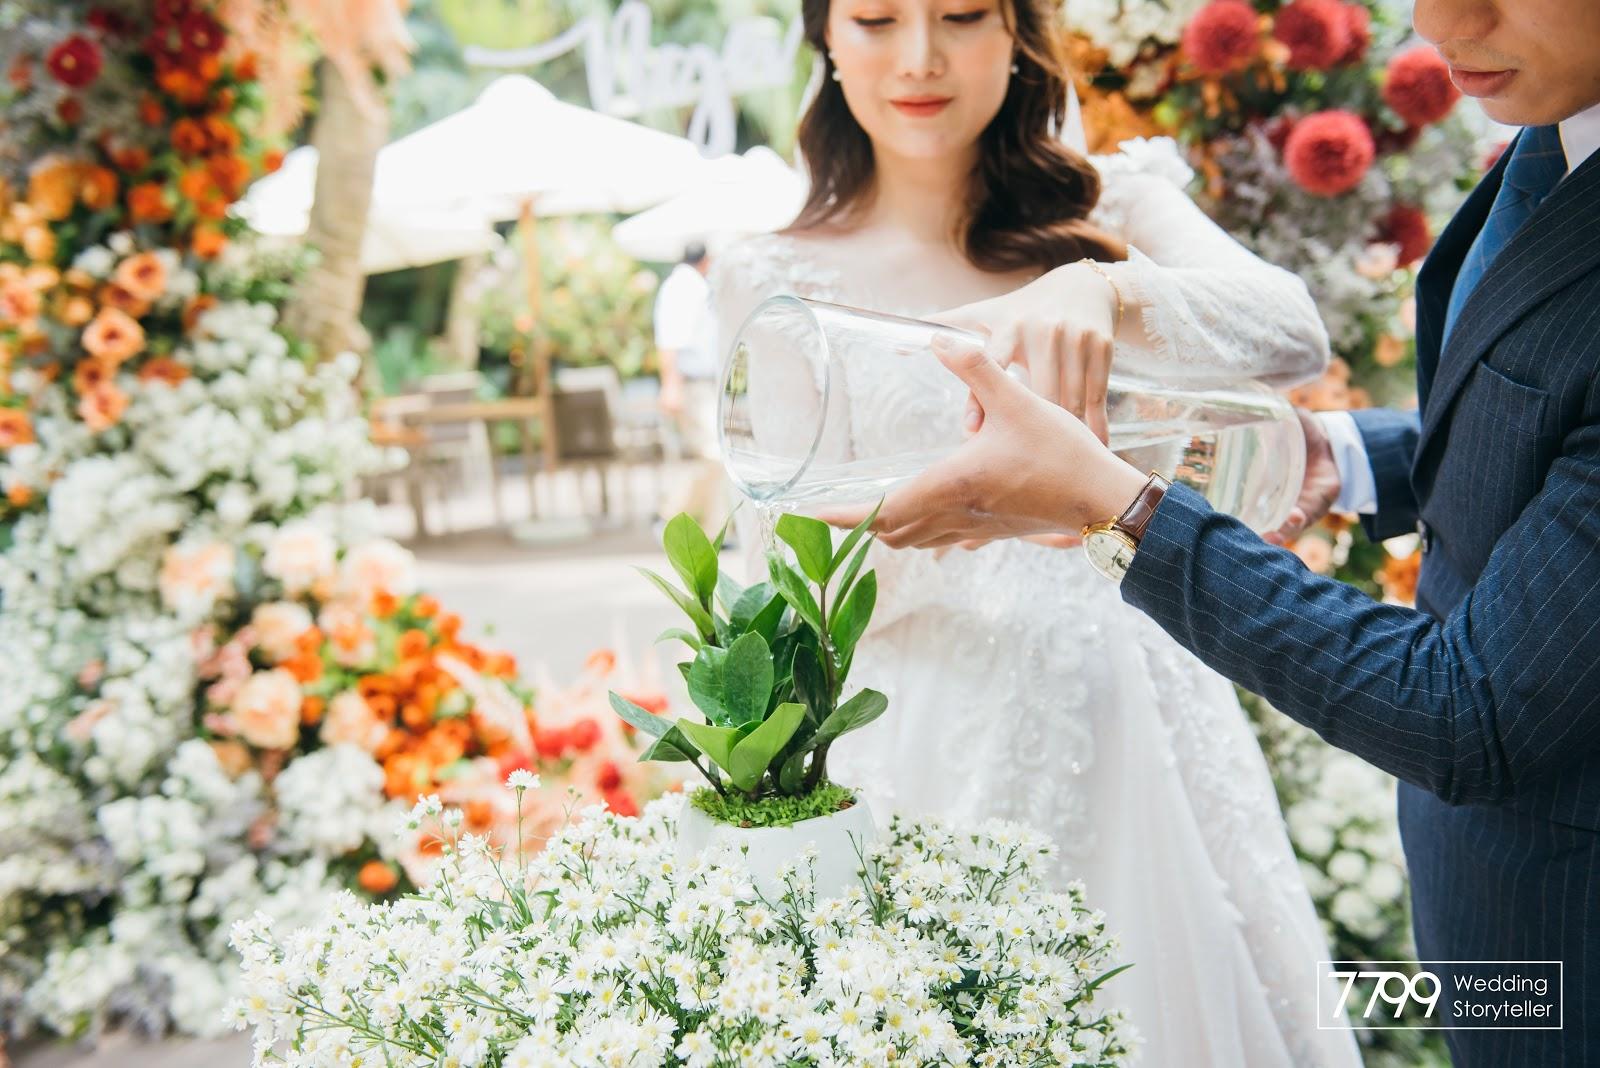 Đám cưới Việt Nam nghi thức ươm trồng